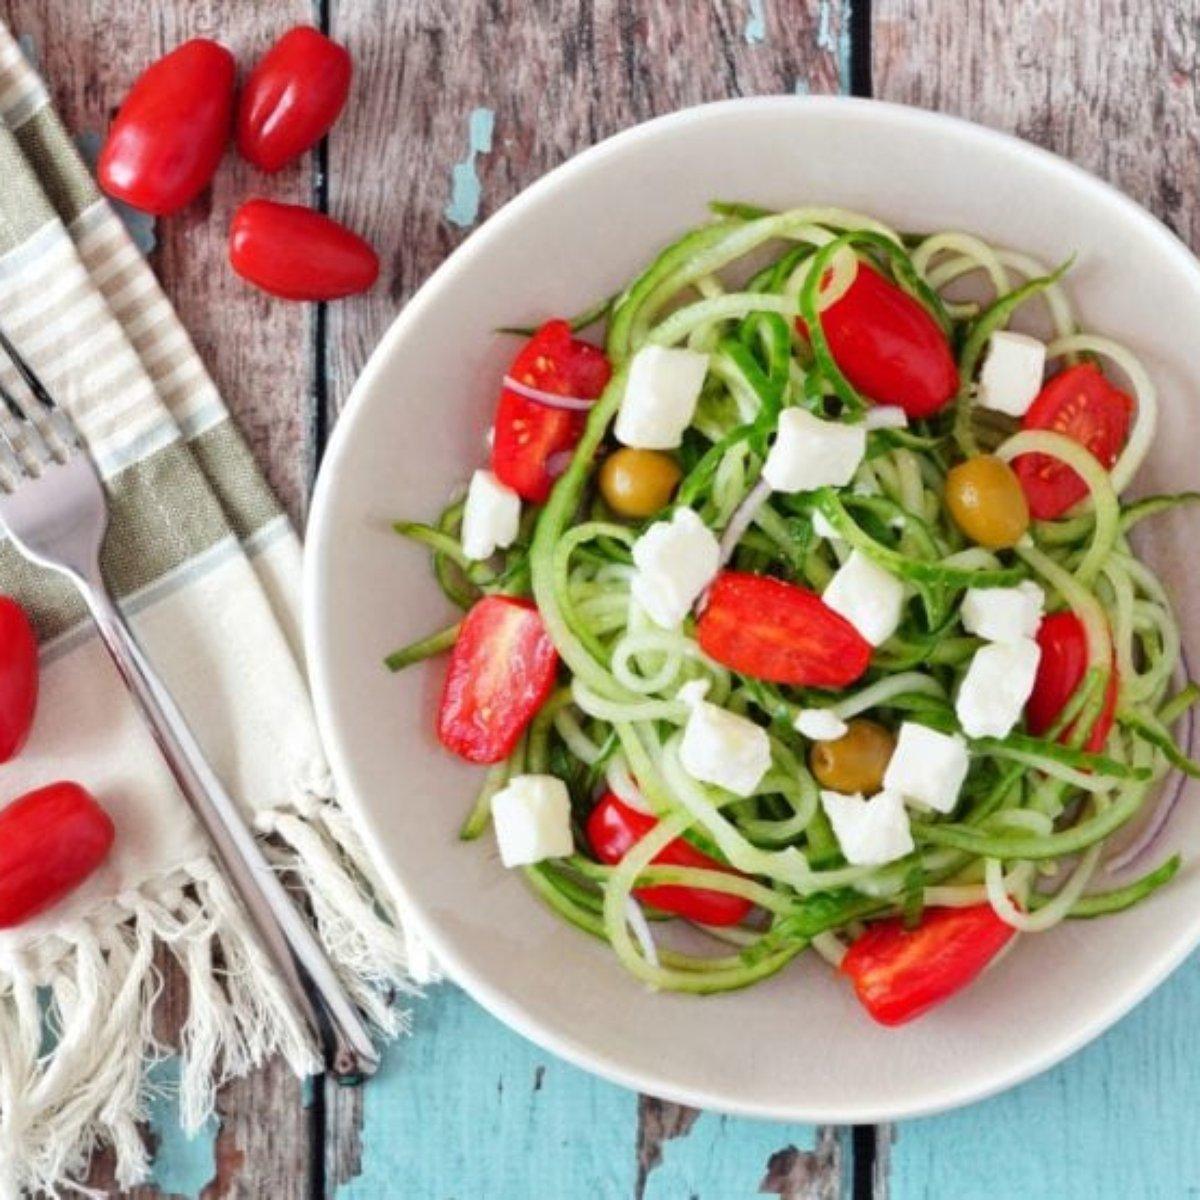 dieta low carb e prejudicial a saude